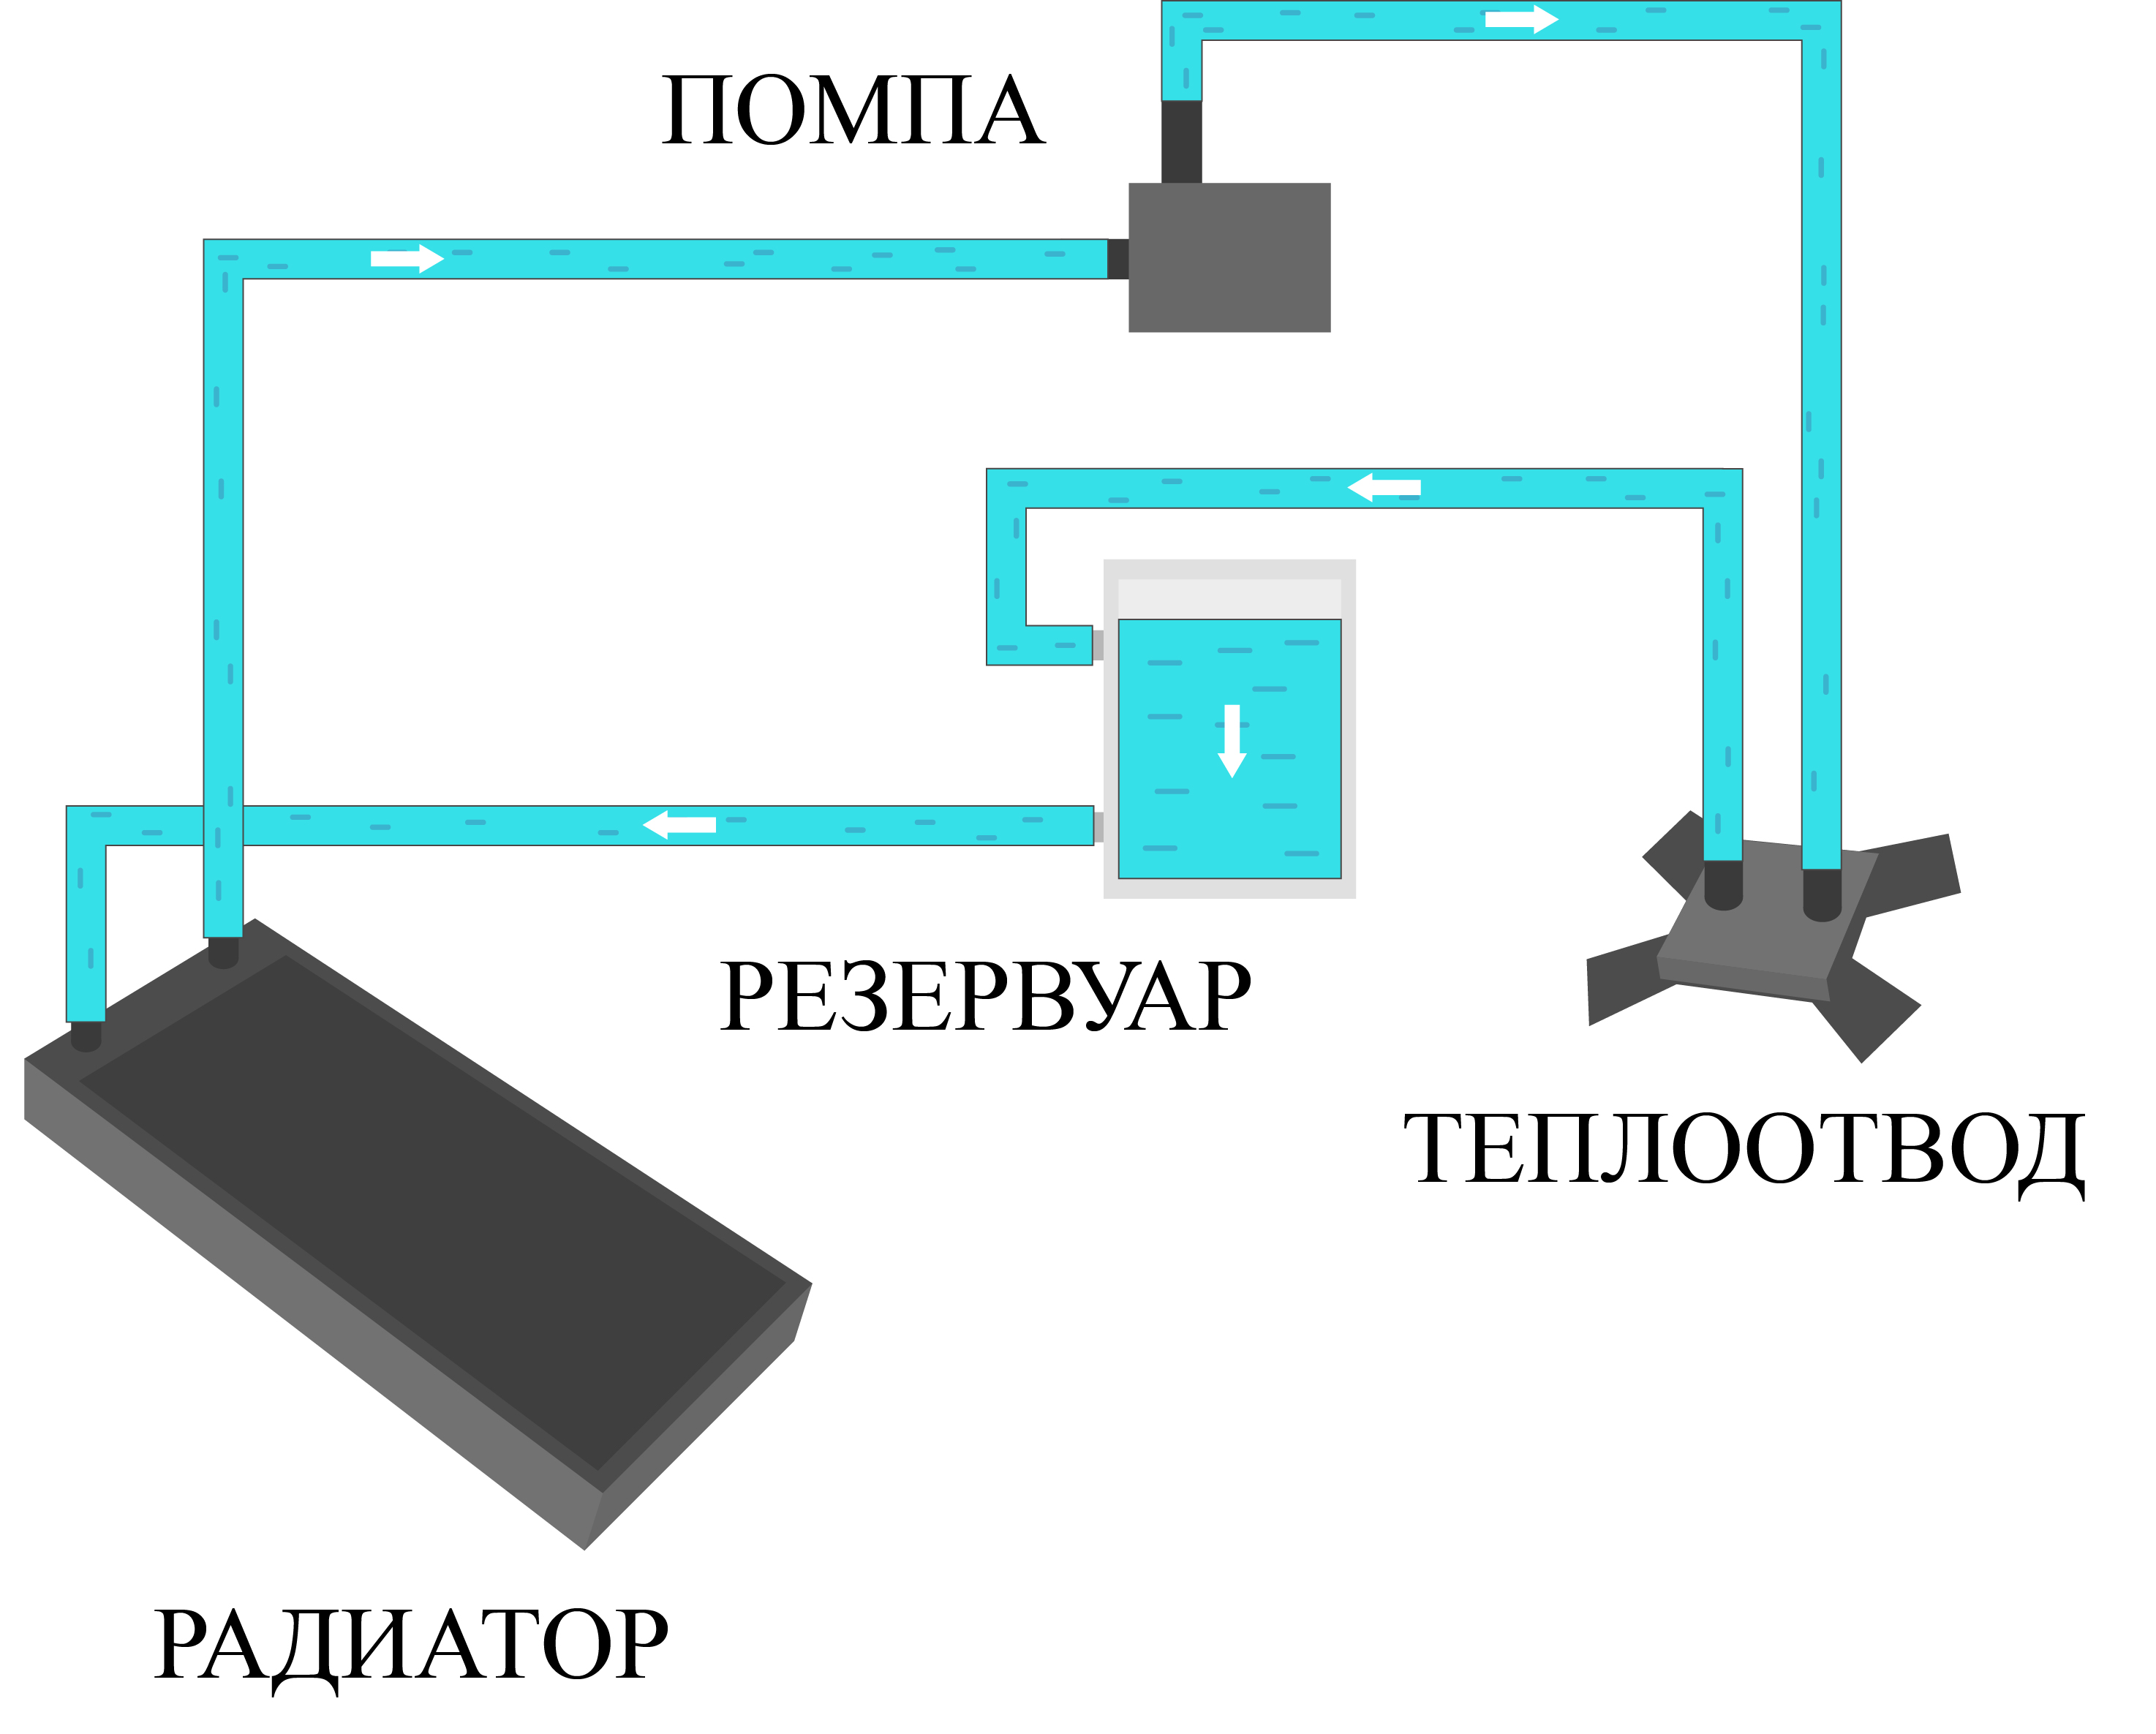 схема соединения деталей системы водяного охлаждения для ПК